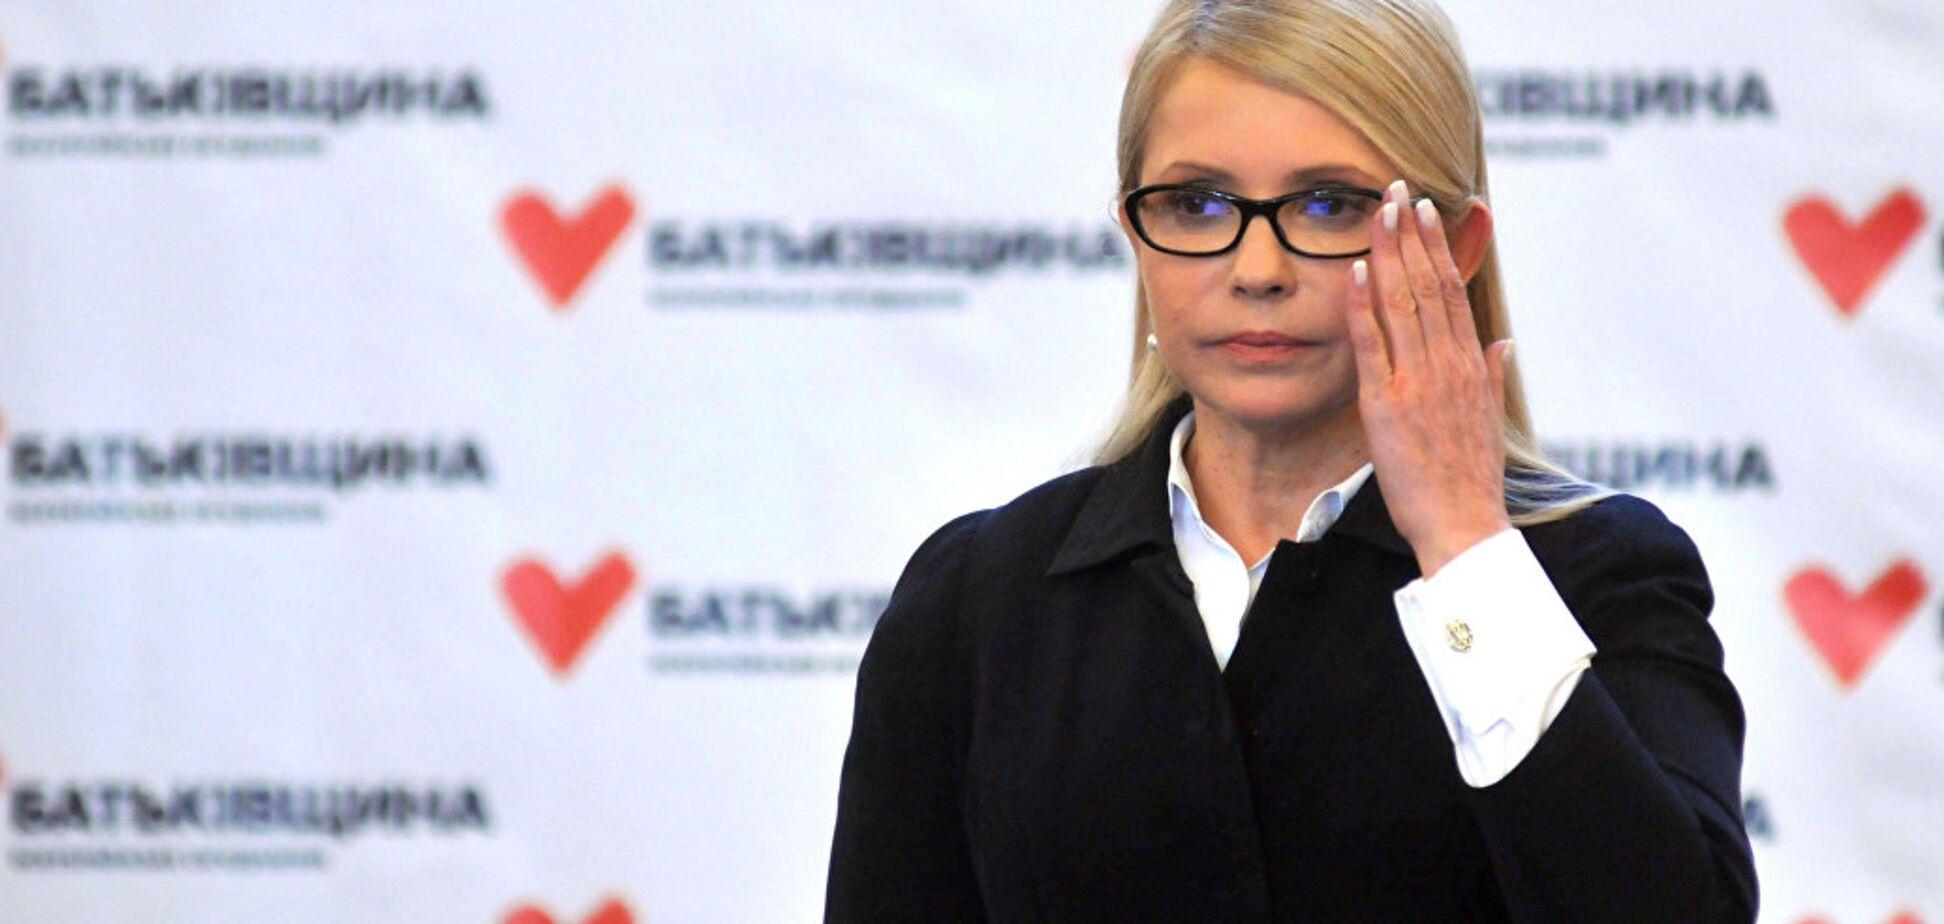 'Батьківщина' потребовала ВСК и доклад силовиков из-за взрывов в Калиновке